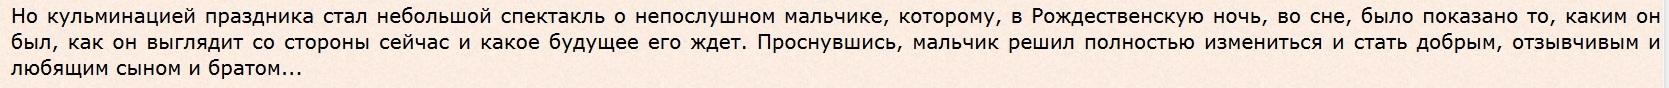 Елка_Фокусы и чудеса - 2